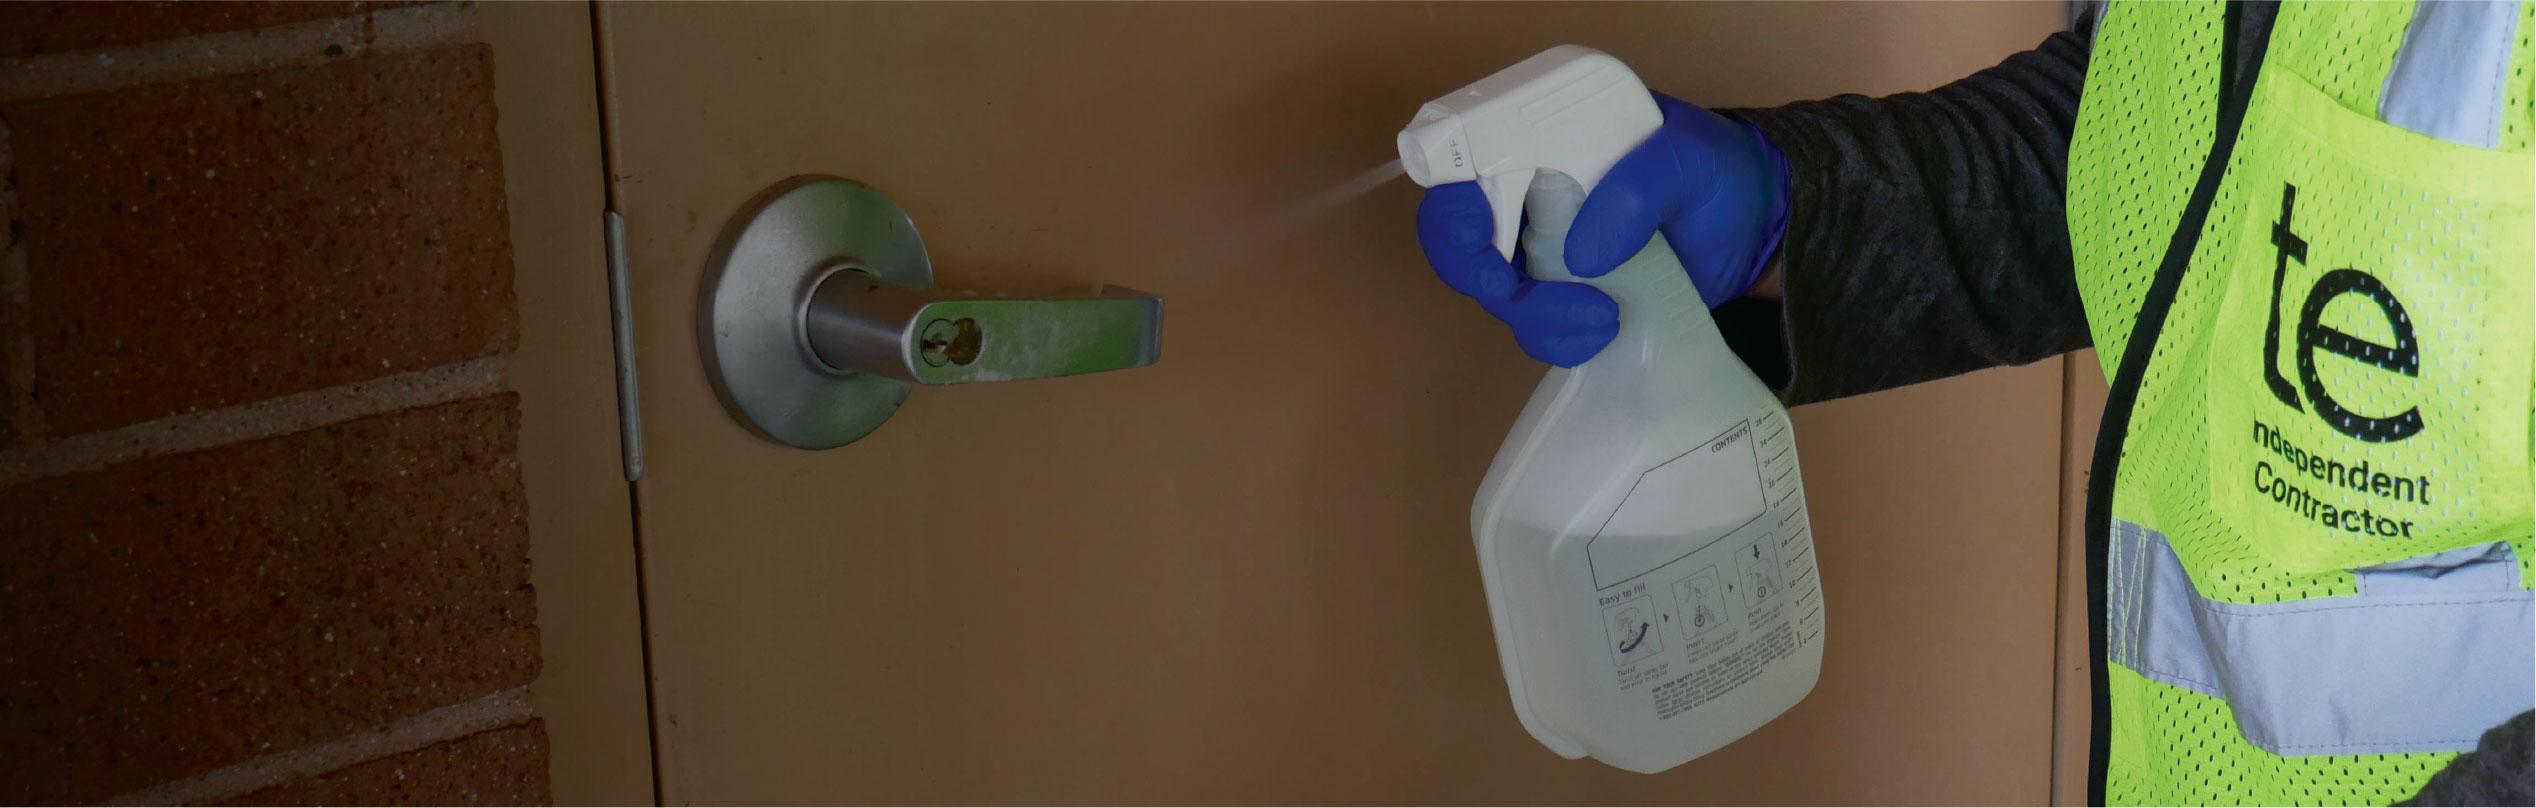 TaskEasy contractor sanitizing a door knob